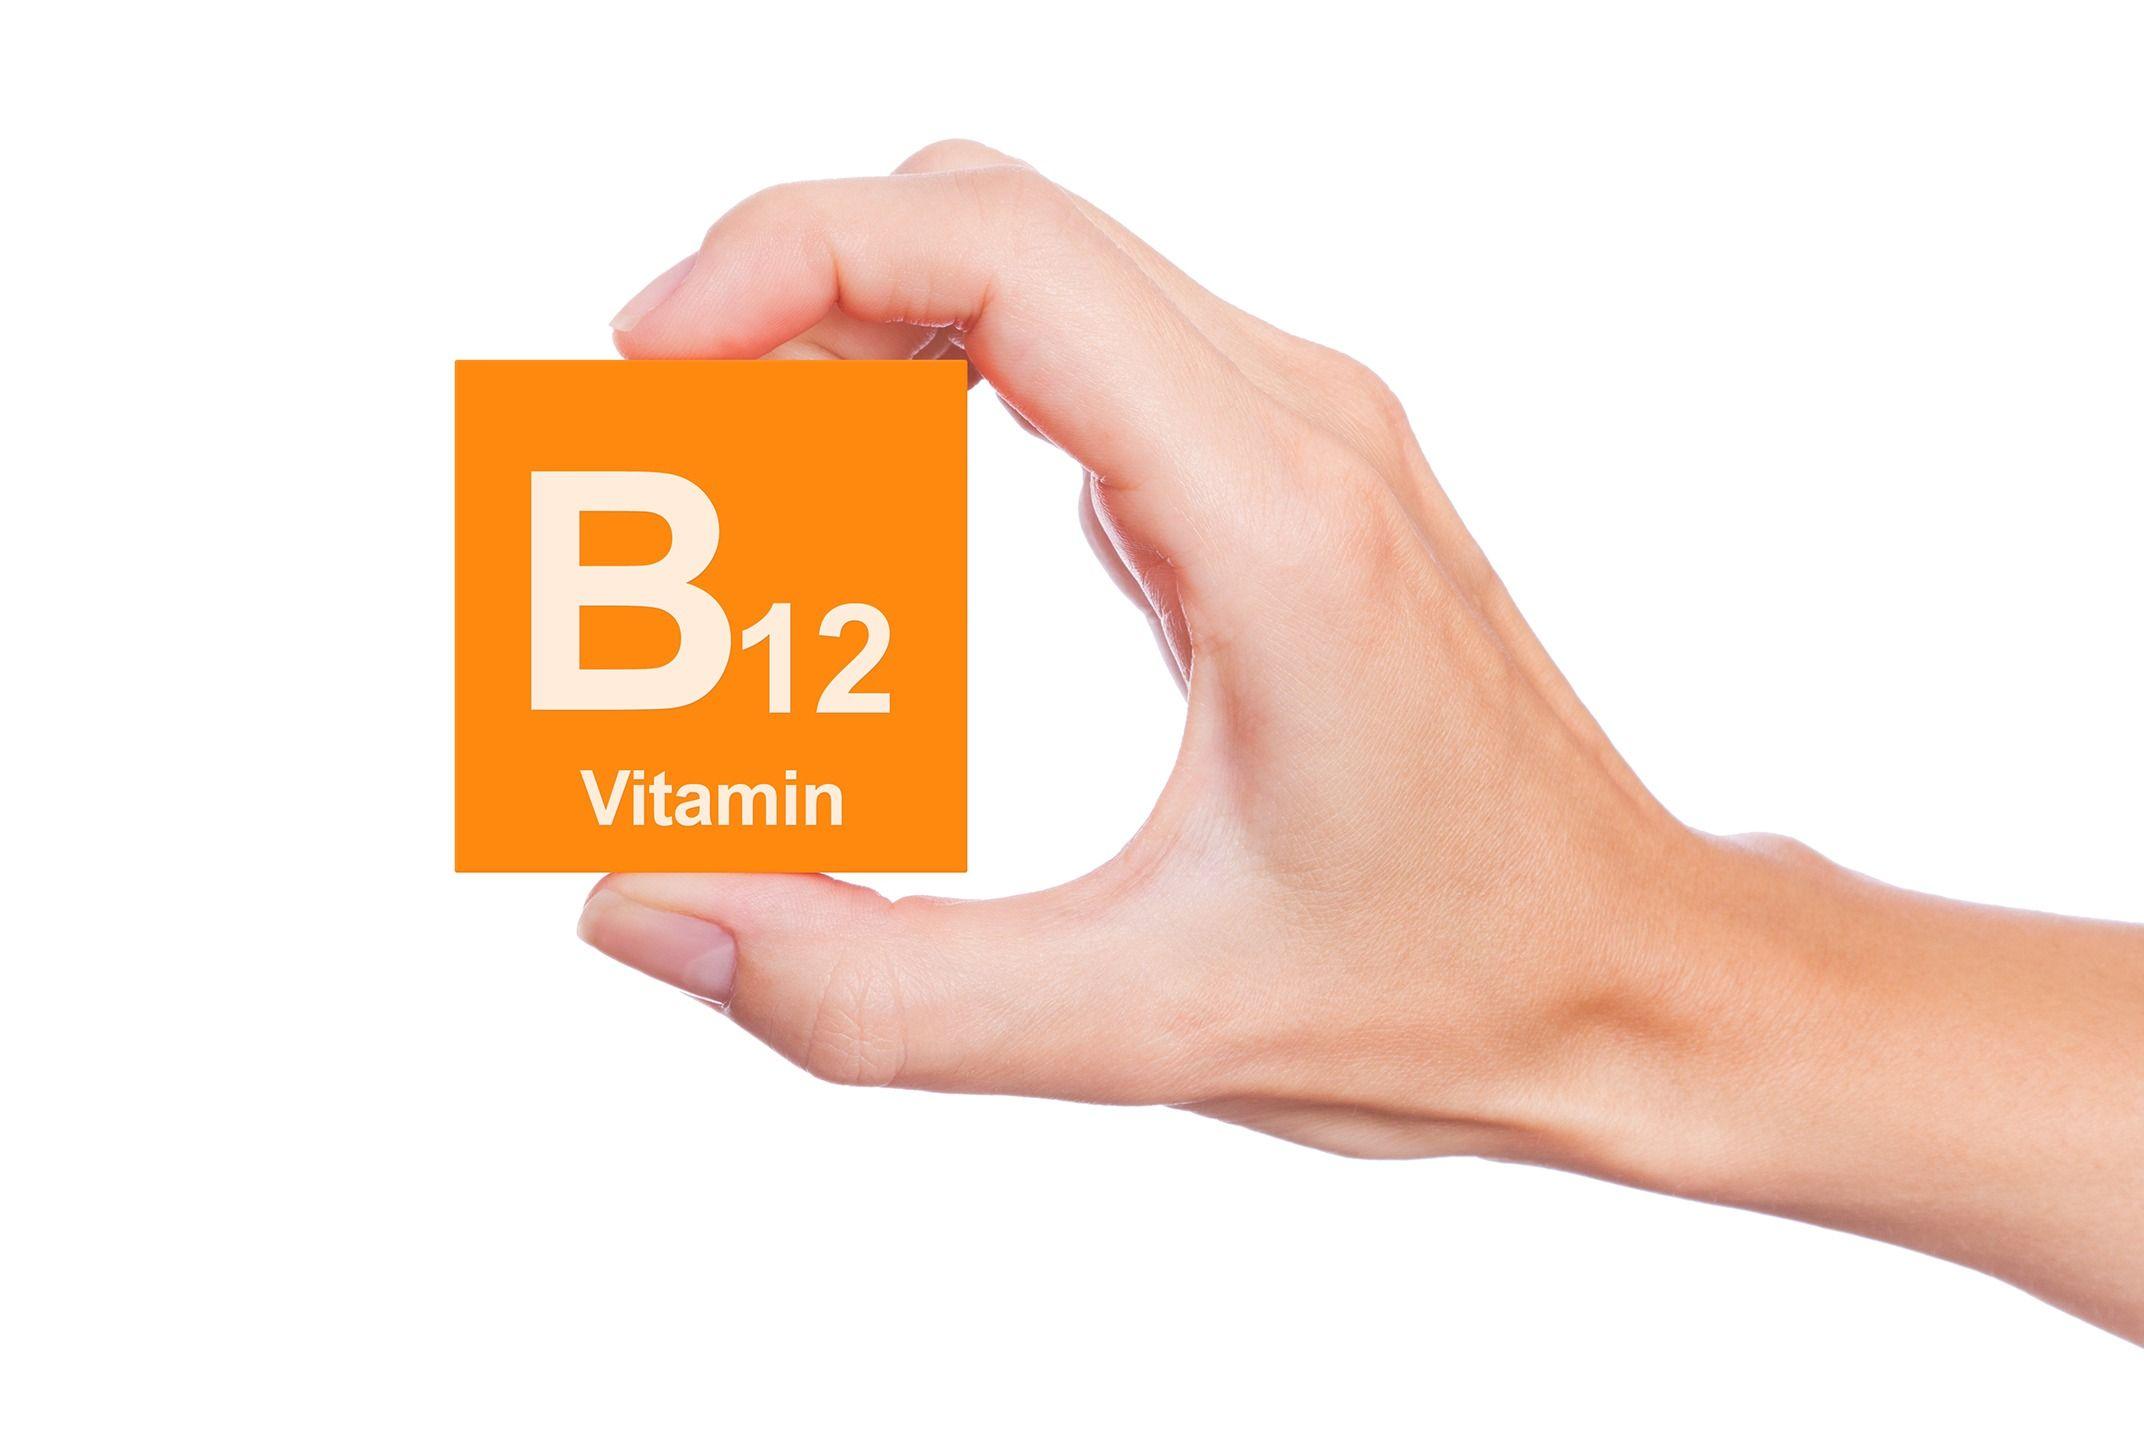 Associação entre Vitamina B12 e Ômega-3 Reduz Significativamente as Concentrações Plasmáticas de Homocisteína